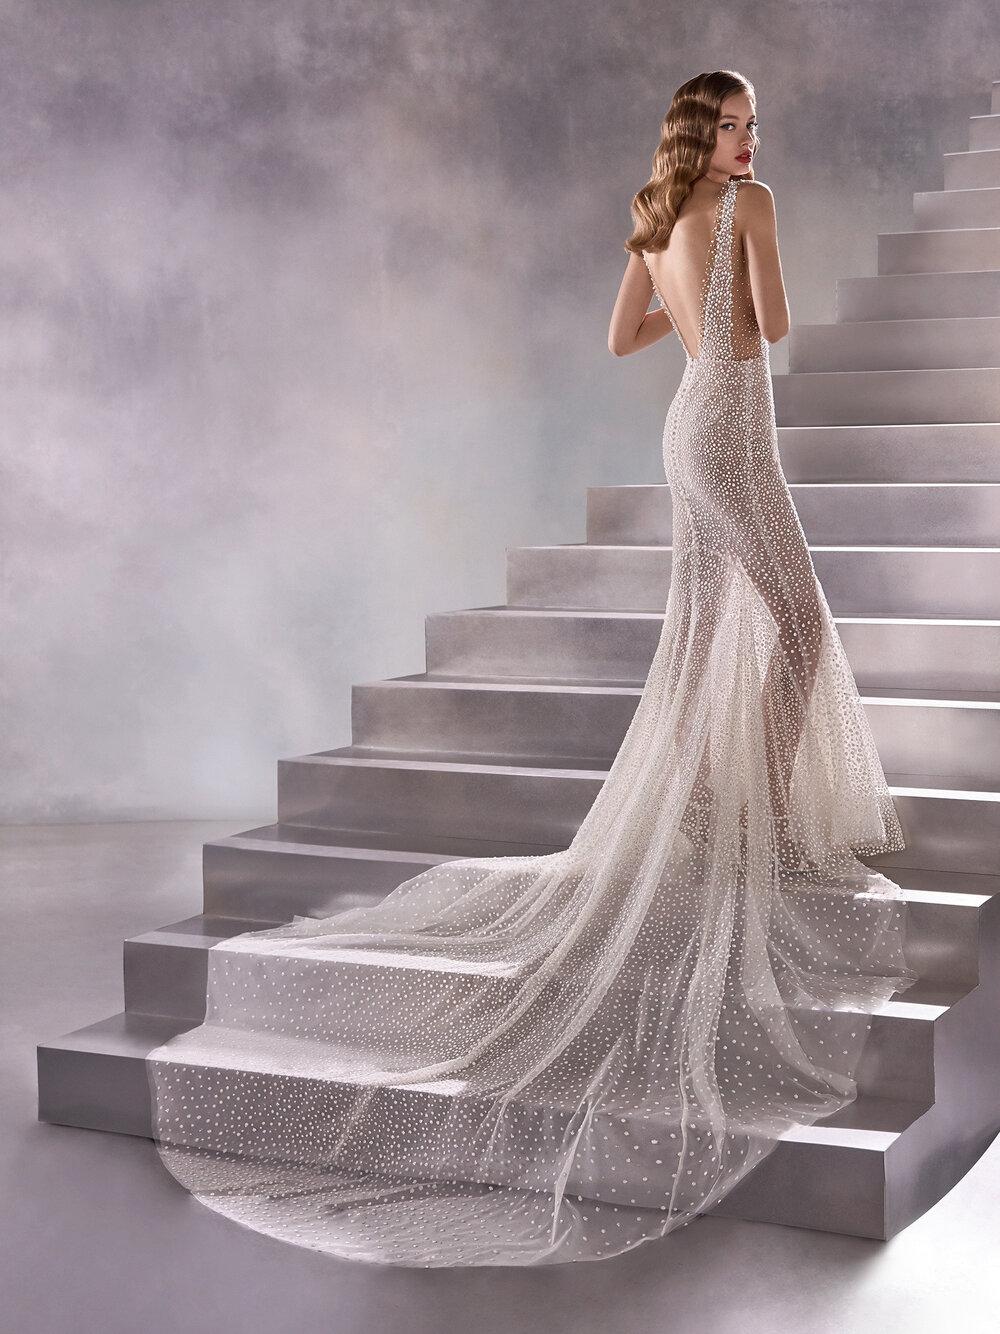 Atelier Pronovias   The White Room   Minneapolis, MN Bridal Shop ...